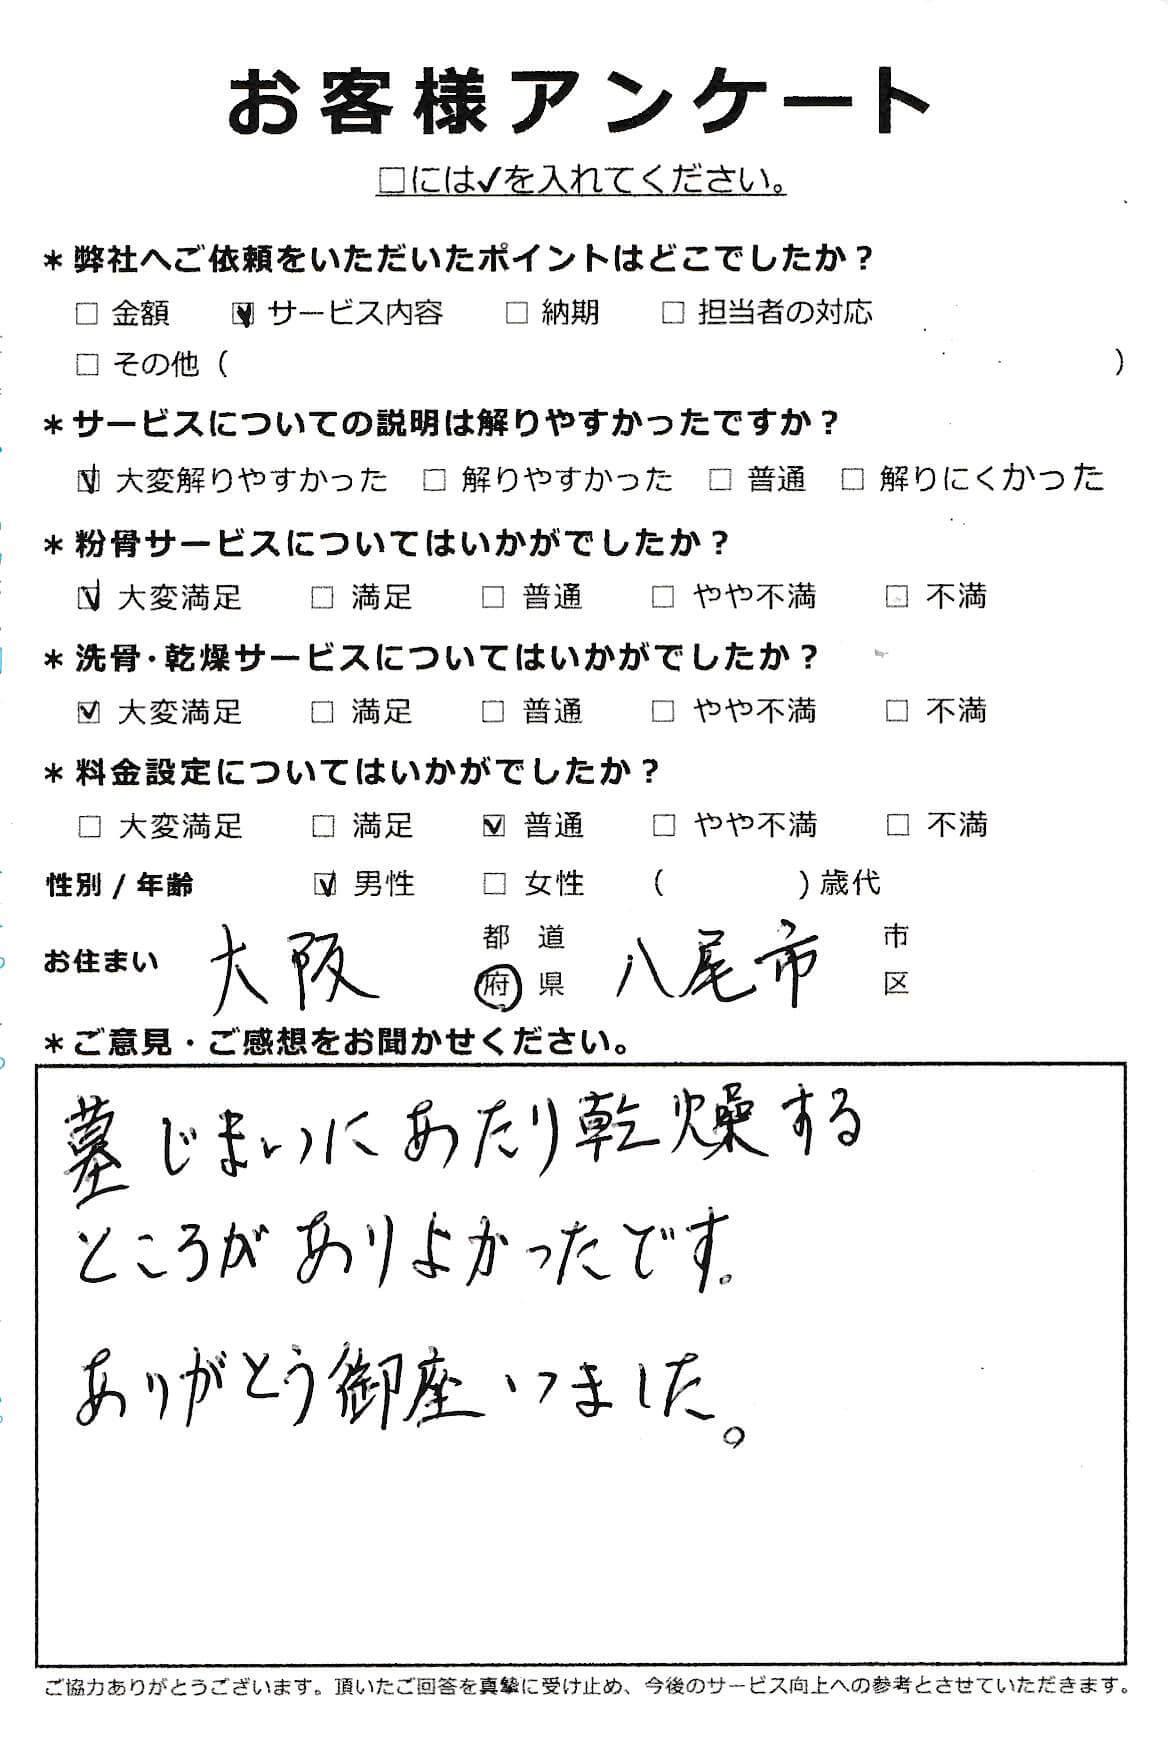 大阪府八尾市での洗骨・乾燥サービス